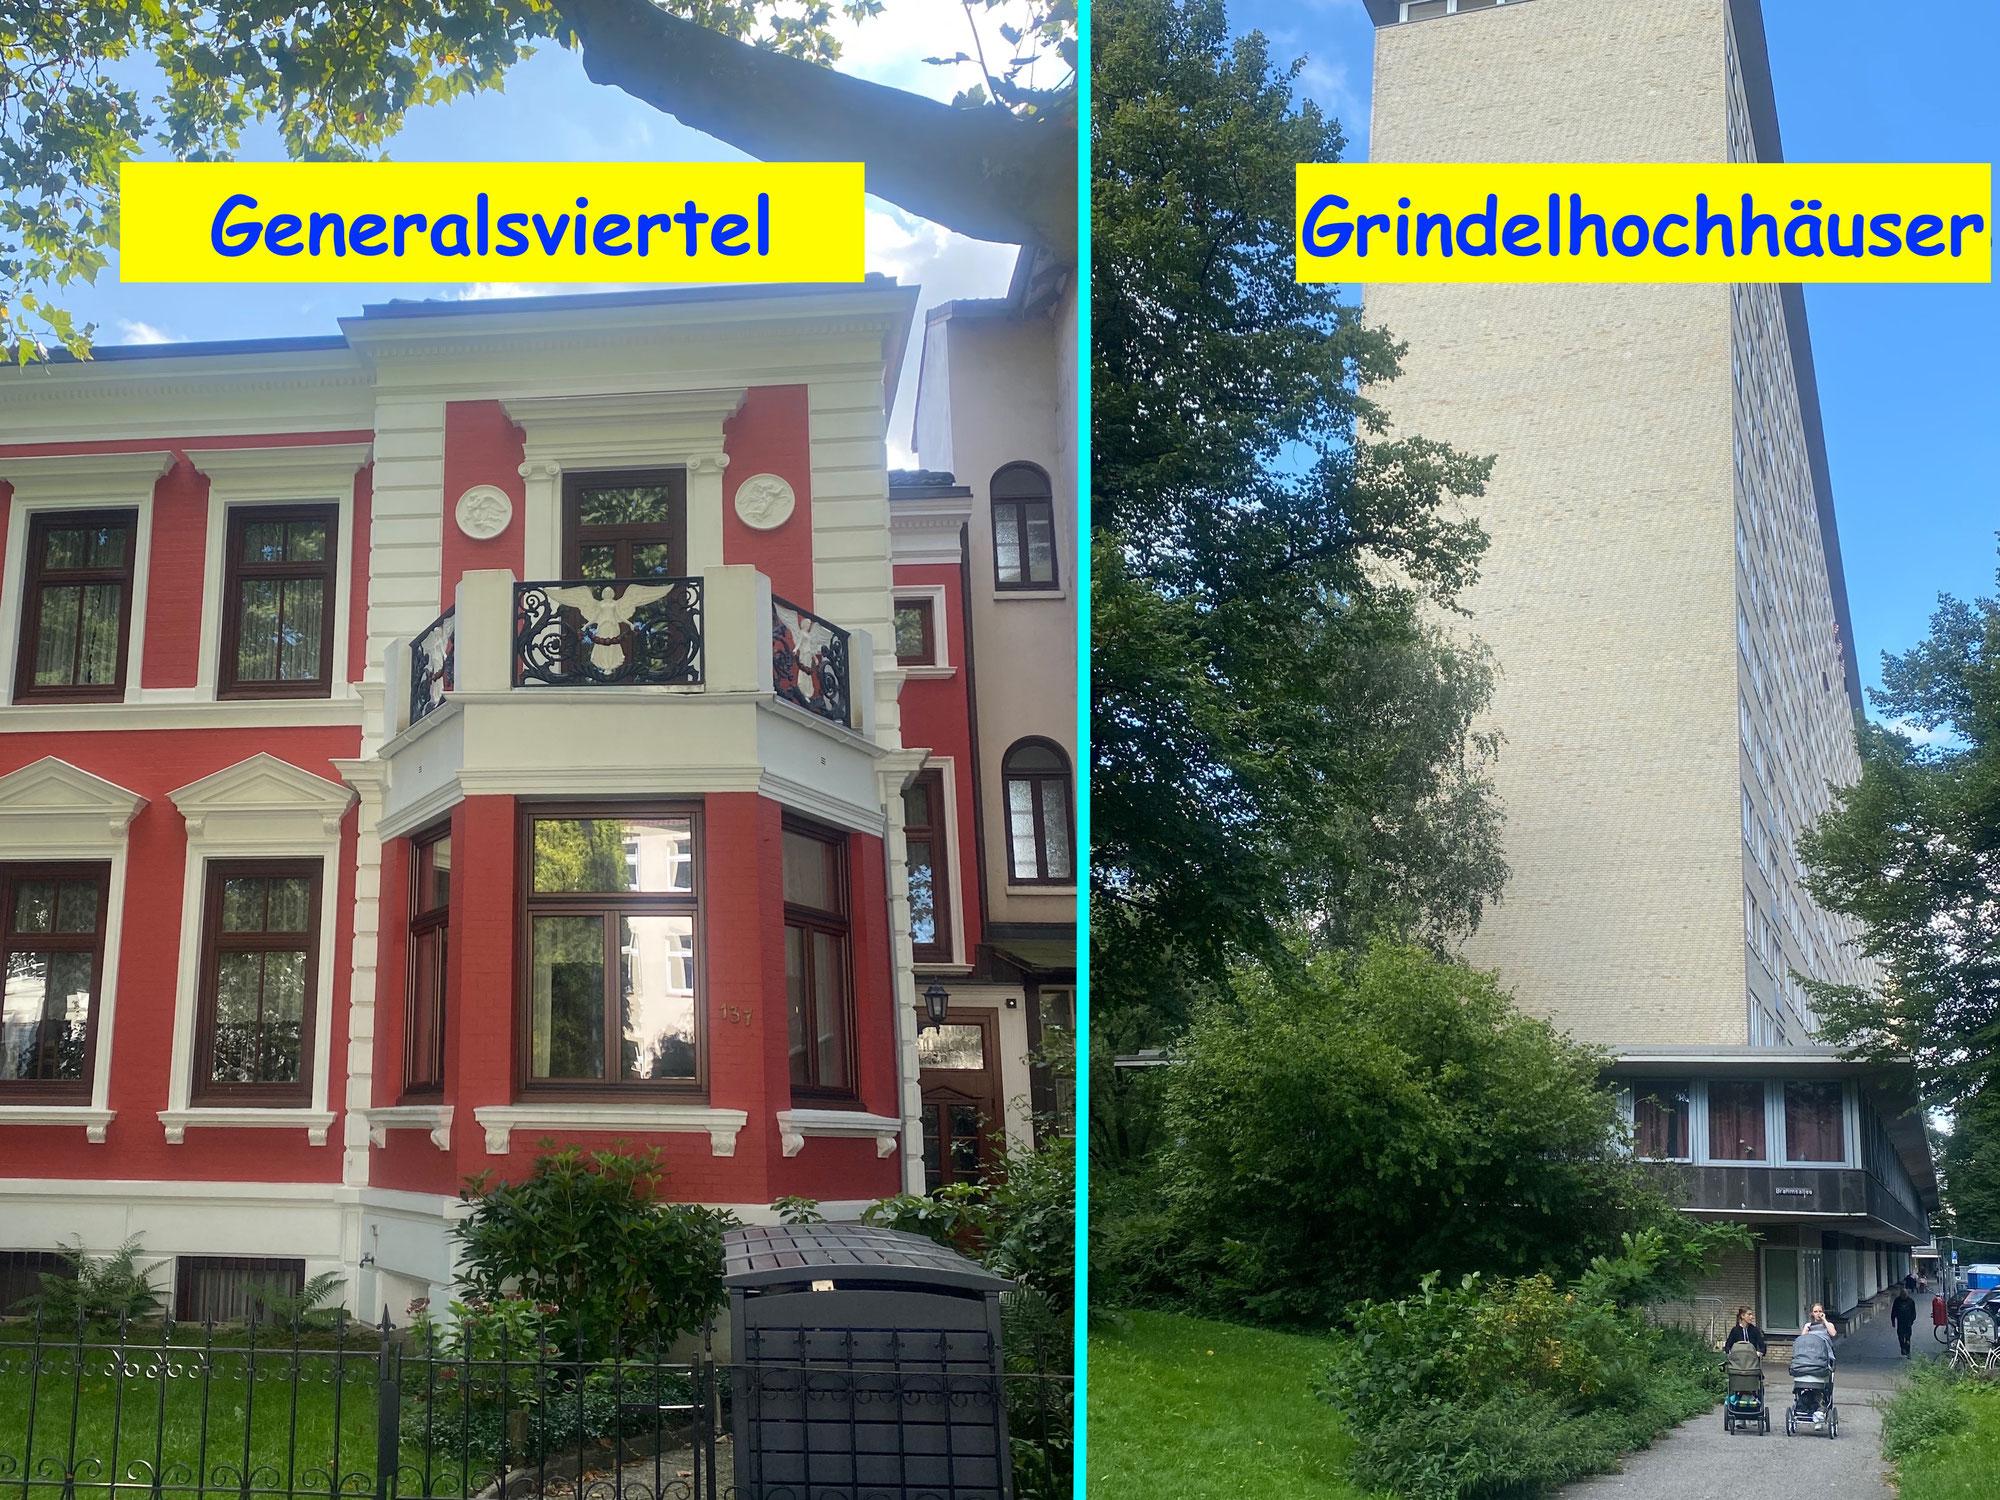 Das Generalsviertel und die Grindelhochhäuser in Hamburg